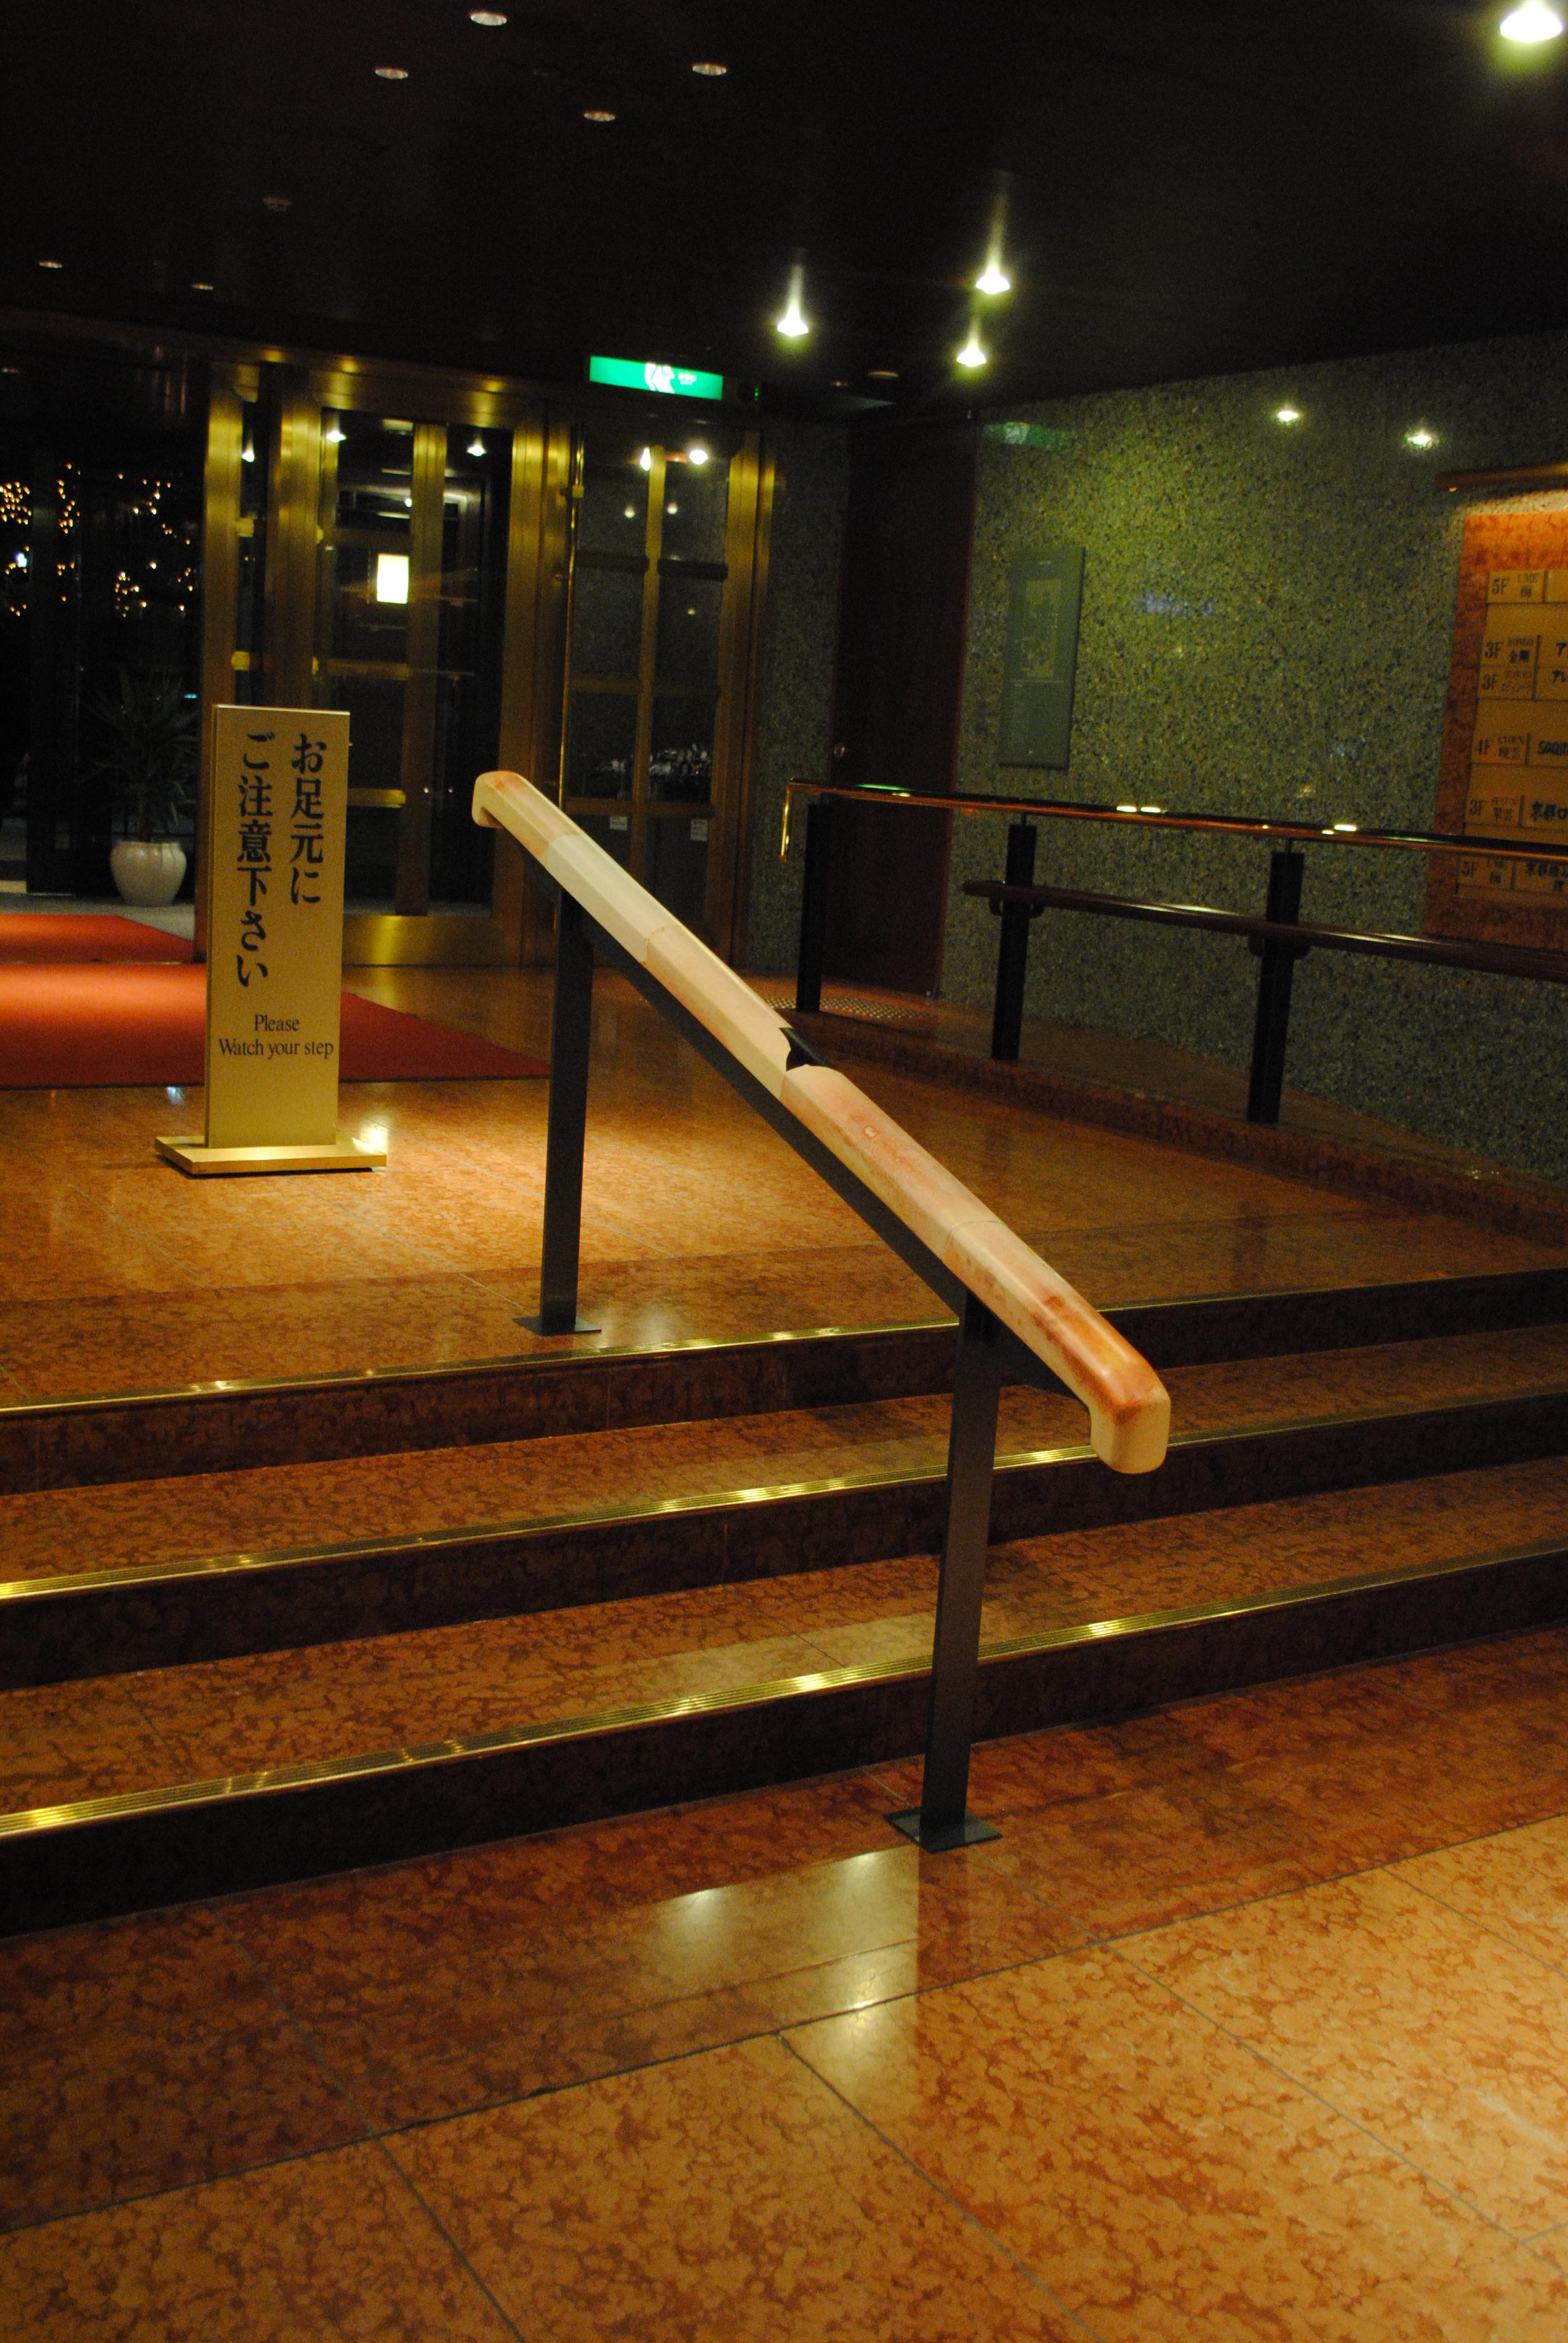 京都ホテルオークラ手摺り-A Handrail in Kyoto Hotel Okura-  READ MORE